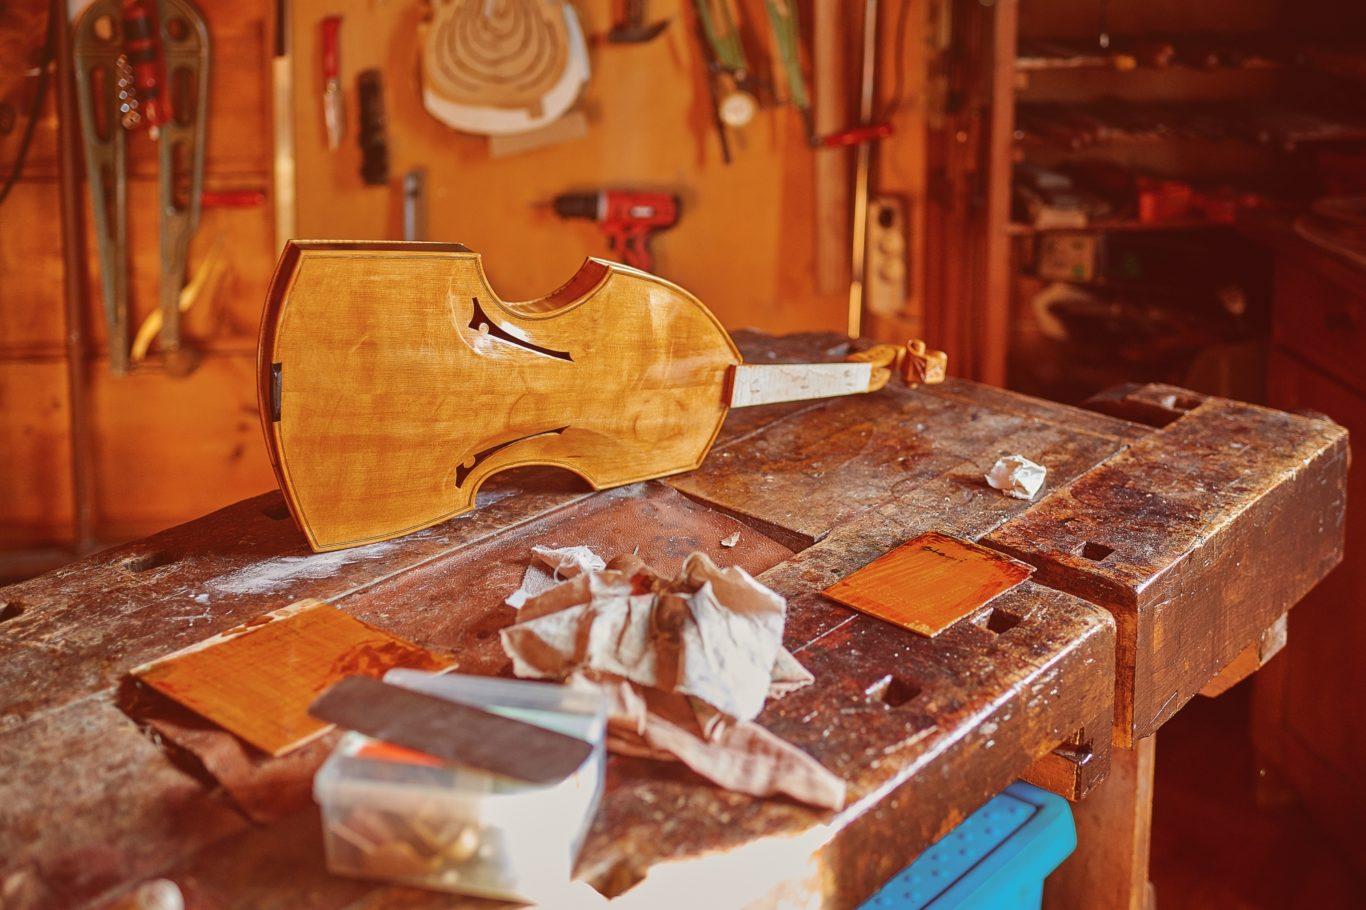 Nieukończone skrzypce na stole w zakładzie lutniczym